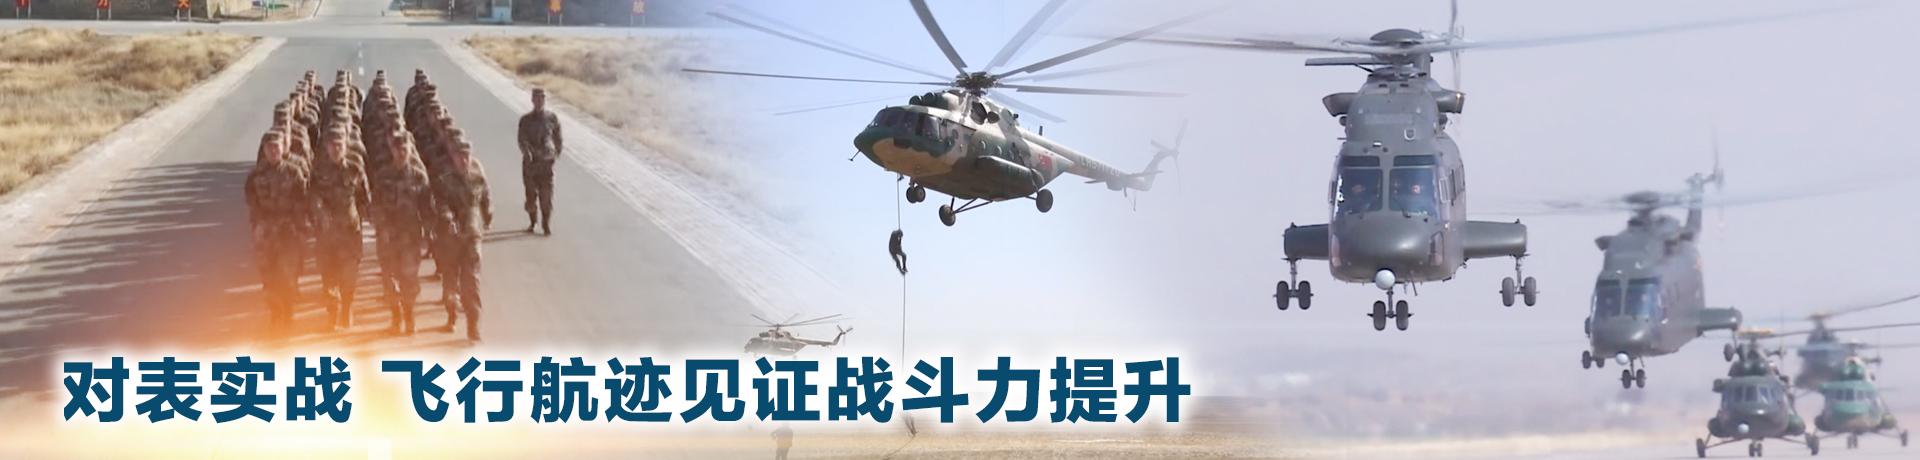 【陆军第76集团军某陆航旅年终复盘】对表实战 飞行航迹见证战斗力提升